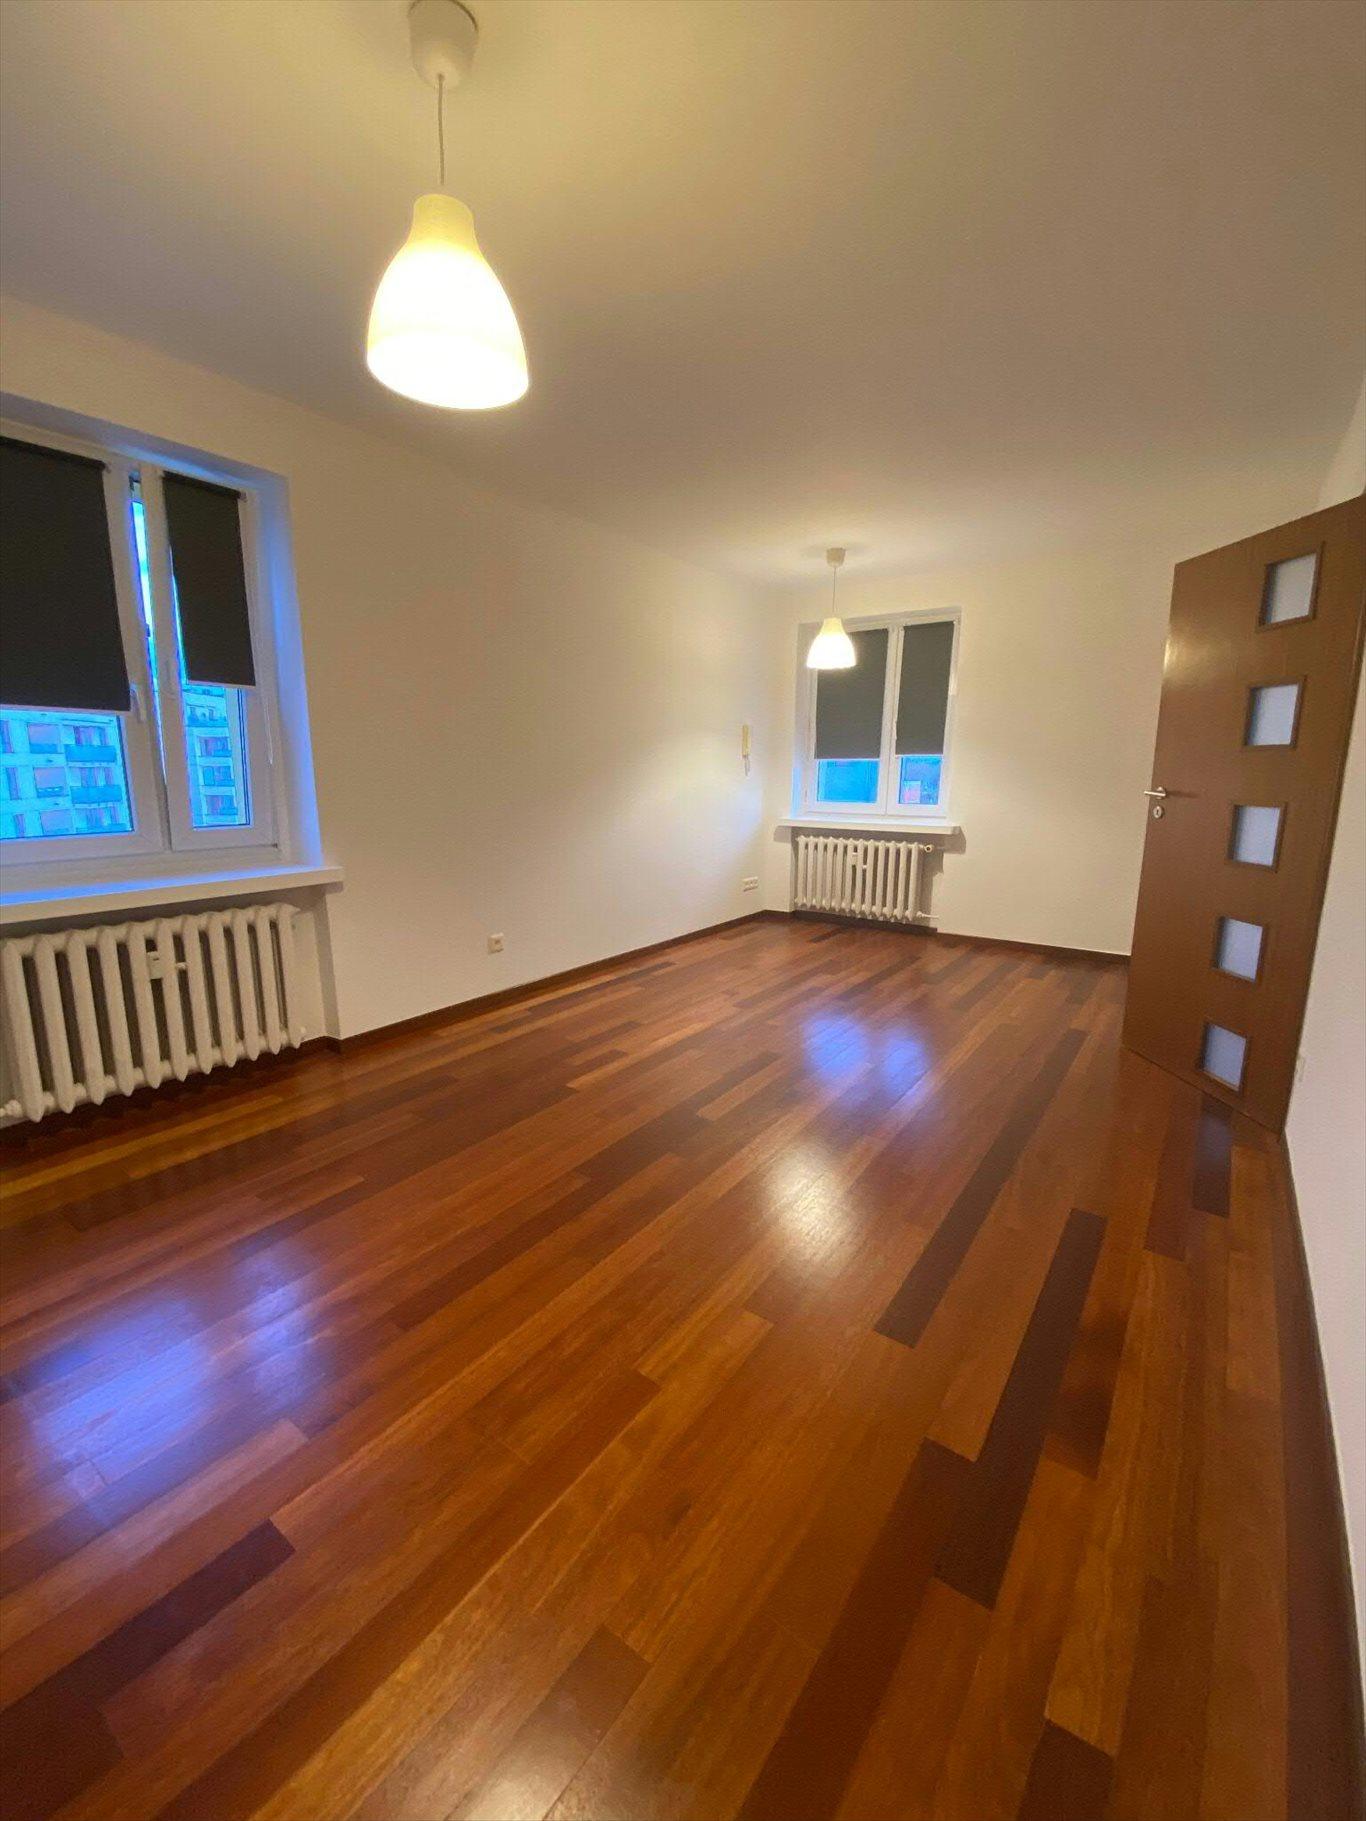 Mieszkanie dwupokojowe na sprzedaż Poznań, Centrum, Garbary  55m2 Foto 2